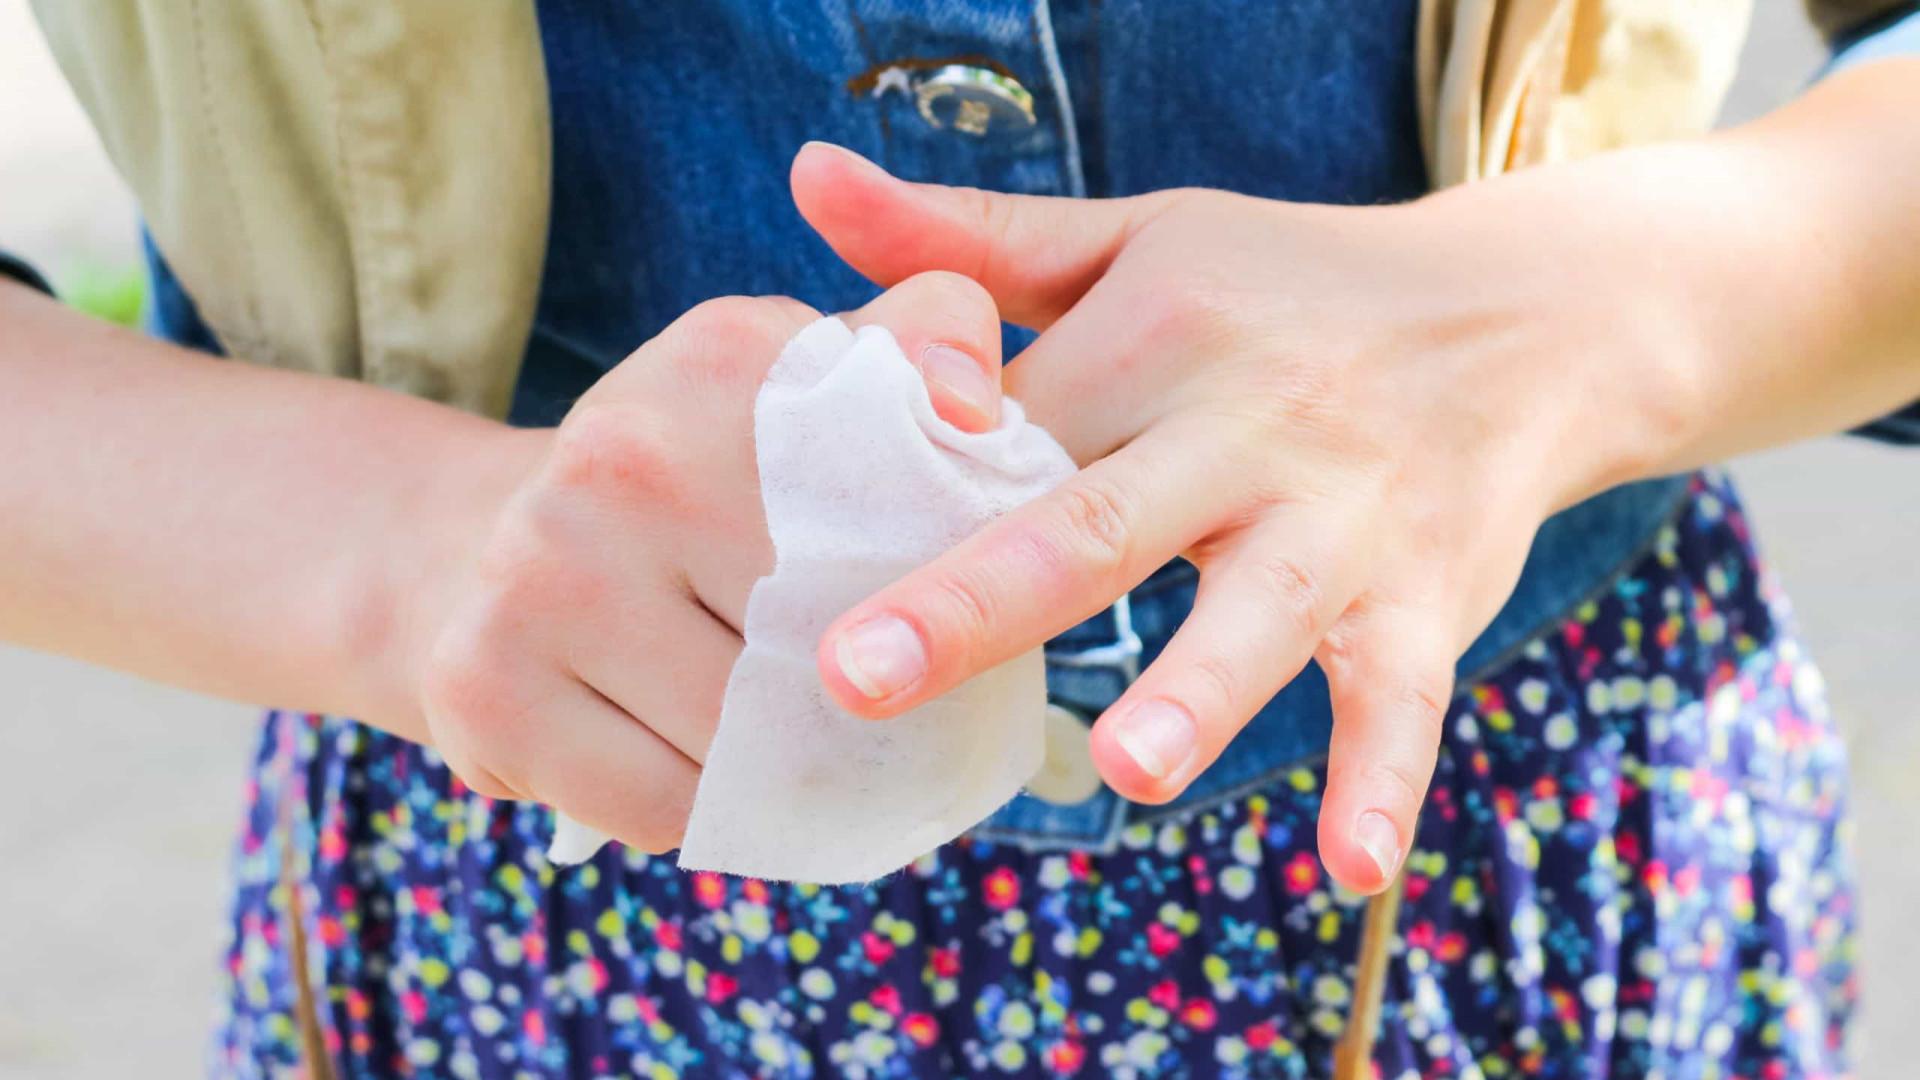 Limpar as mãos com lenços umedecidos é eficaz no combate a Covid-19?